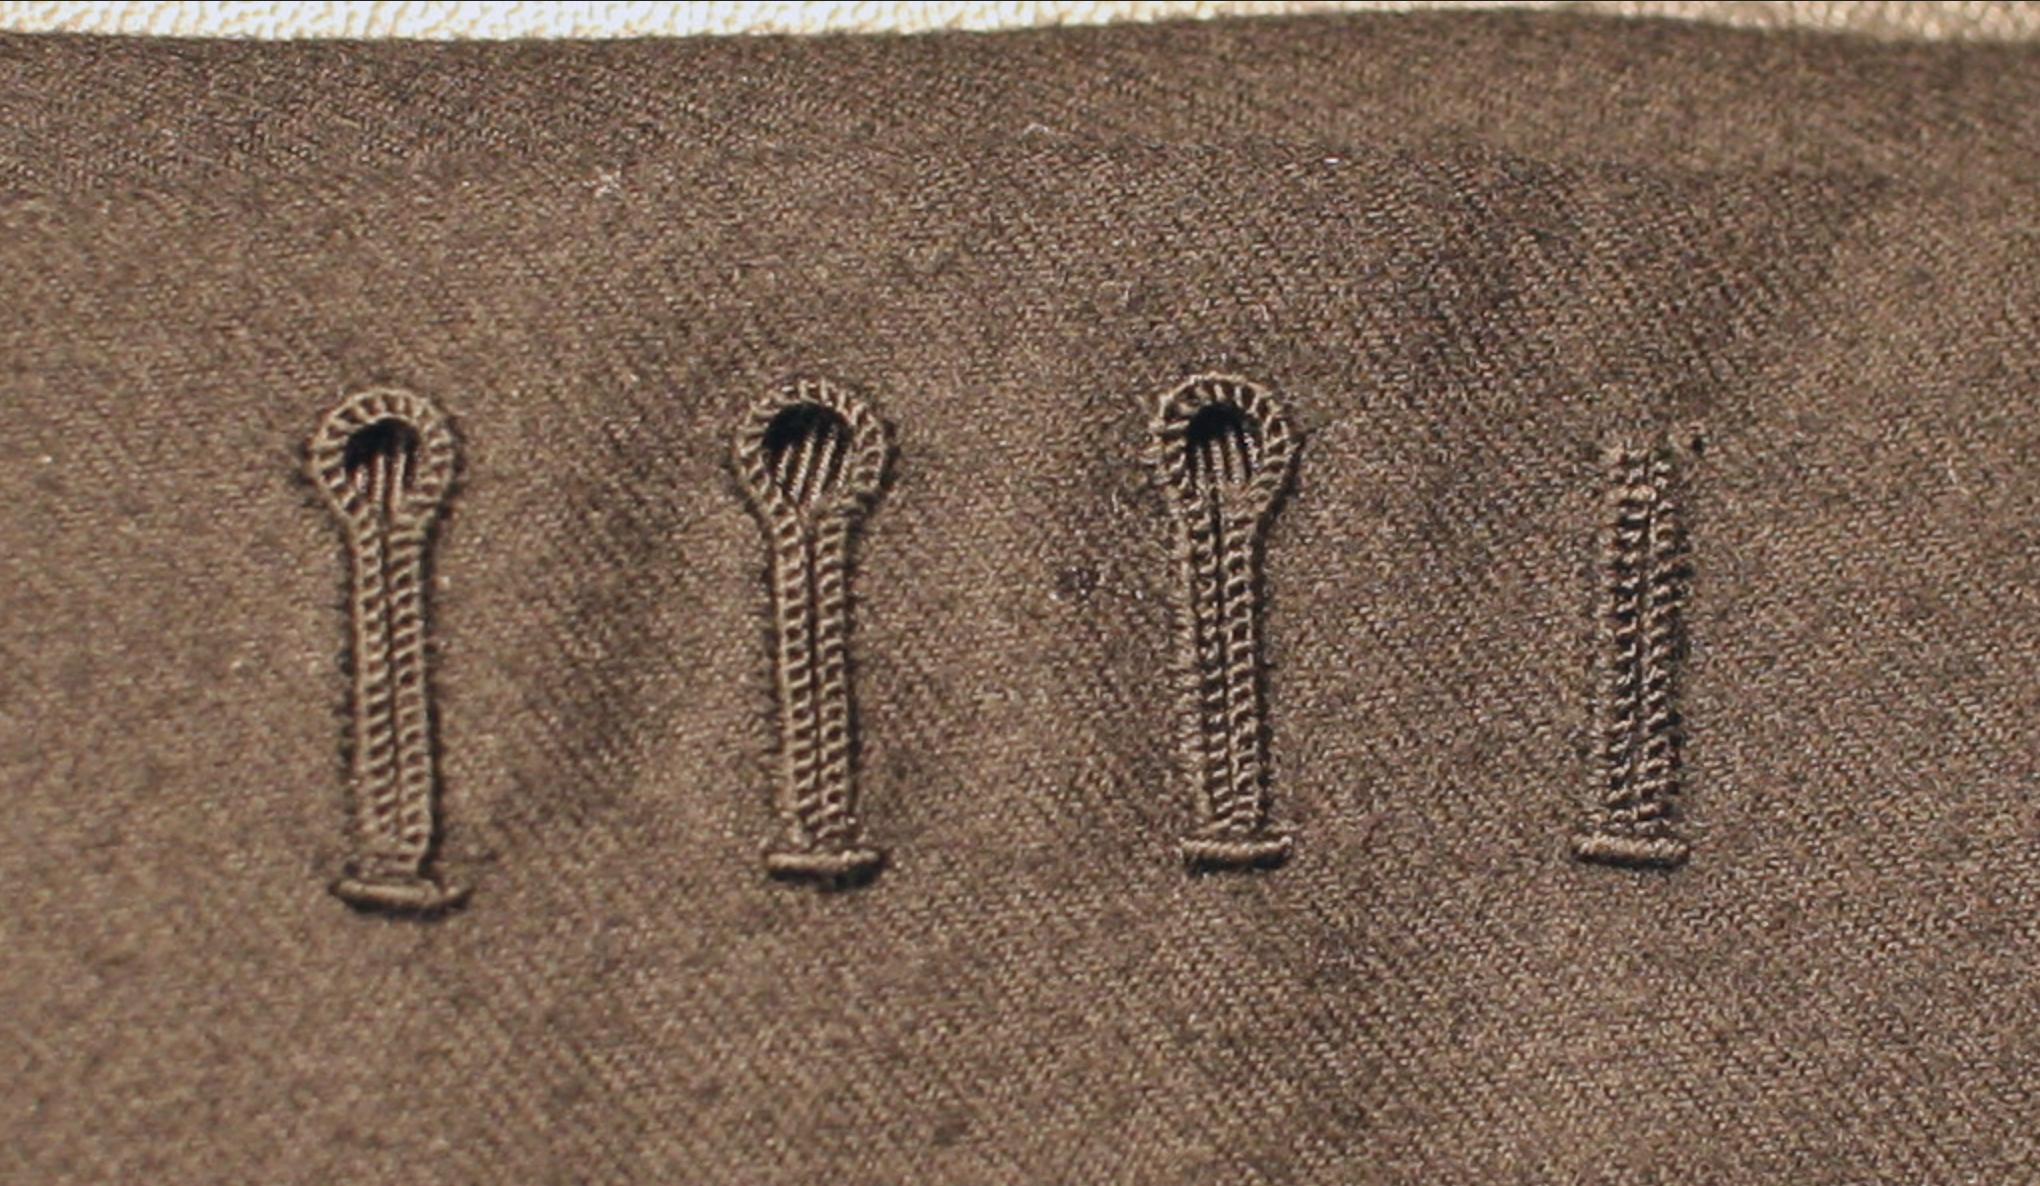 """Boutonnières main sur un bespoke Anglais. Les boutonnières sont difficiles à aligner, c'est un détail à observer avec attention. Autre détail qui n'apparait dans la photo, ces boutonnières avaient été scellées avec une sorte de substance """"grasse"""". Sur les vêtement de grande qualité il est courant de sceller les boutonnières avec de la cire d'abeille après la coupe et avant de les travailler, ce qui permet d'éviter l'effilochage et d'obtenir un bord plus solide. Parfois d'autres matières sont utilisées à la place de la cire, mais le résultat au toucher est similaire. (source: j.diduch)"""